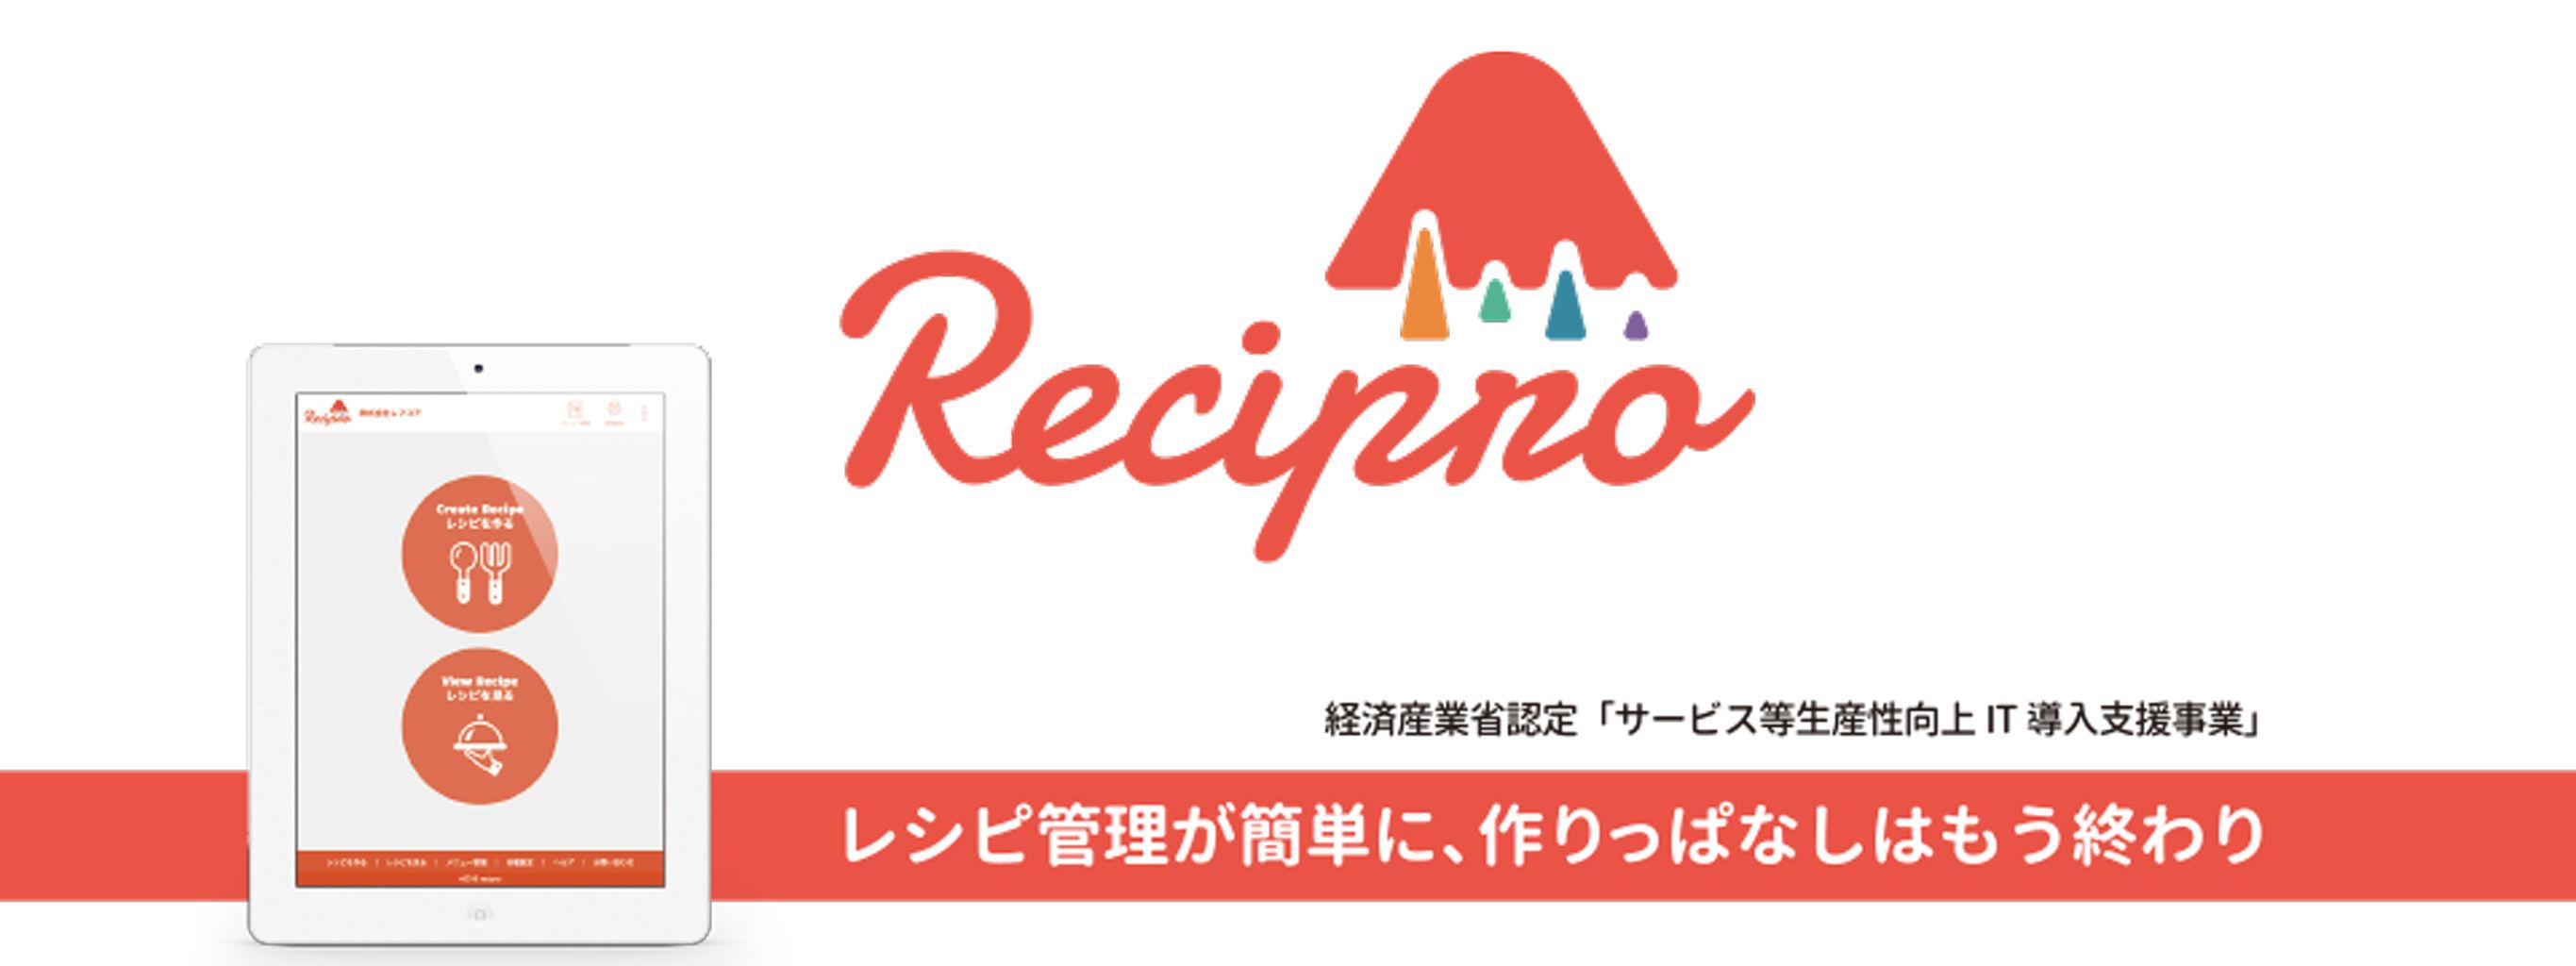 recipro blog イメージ画像